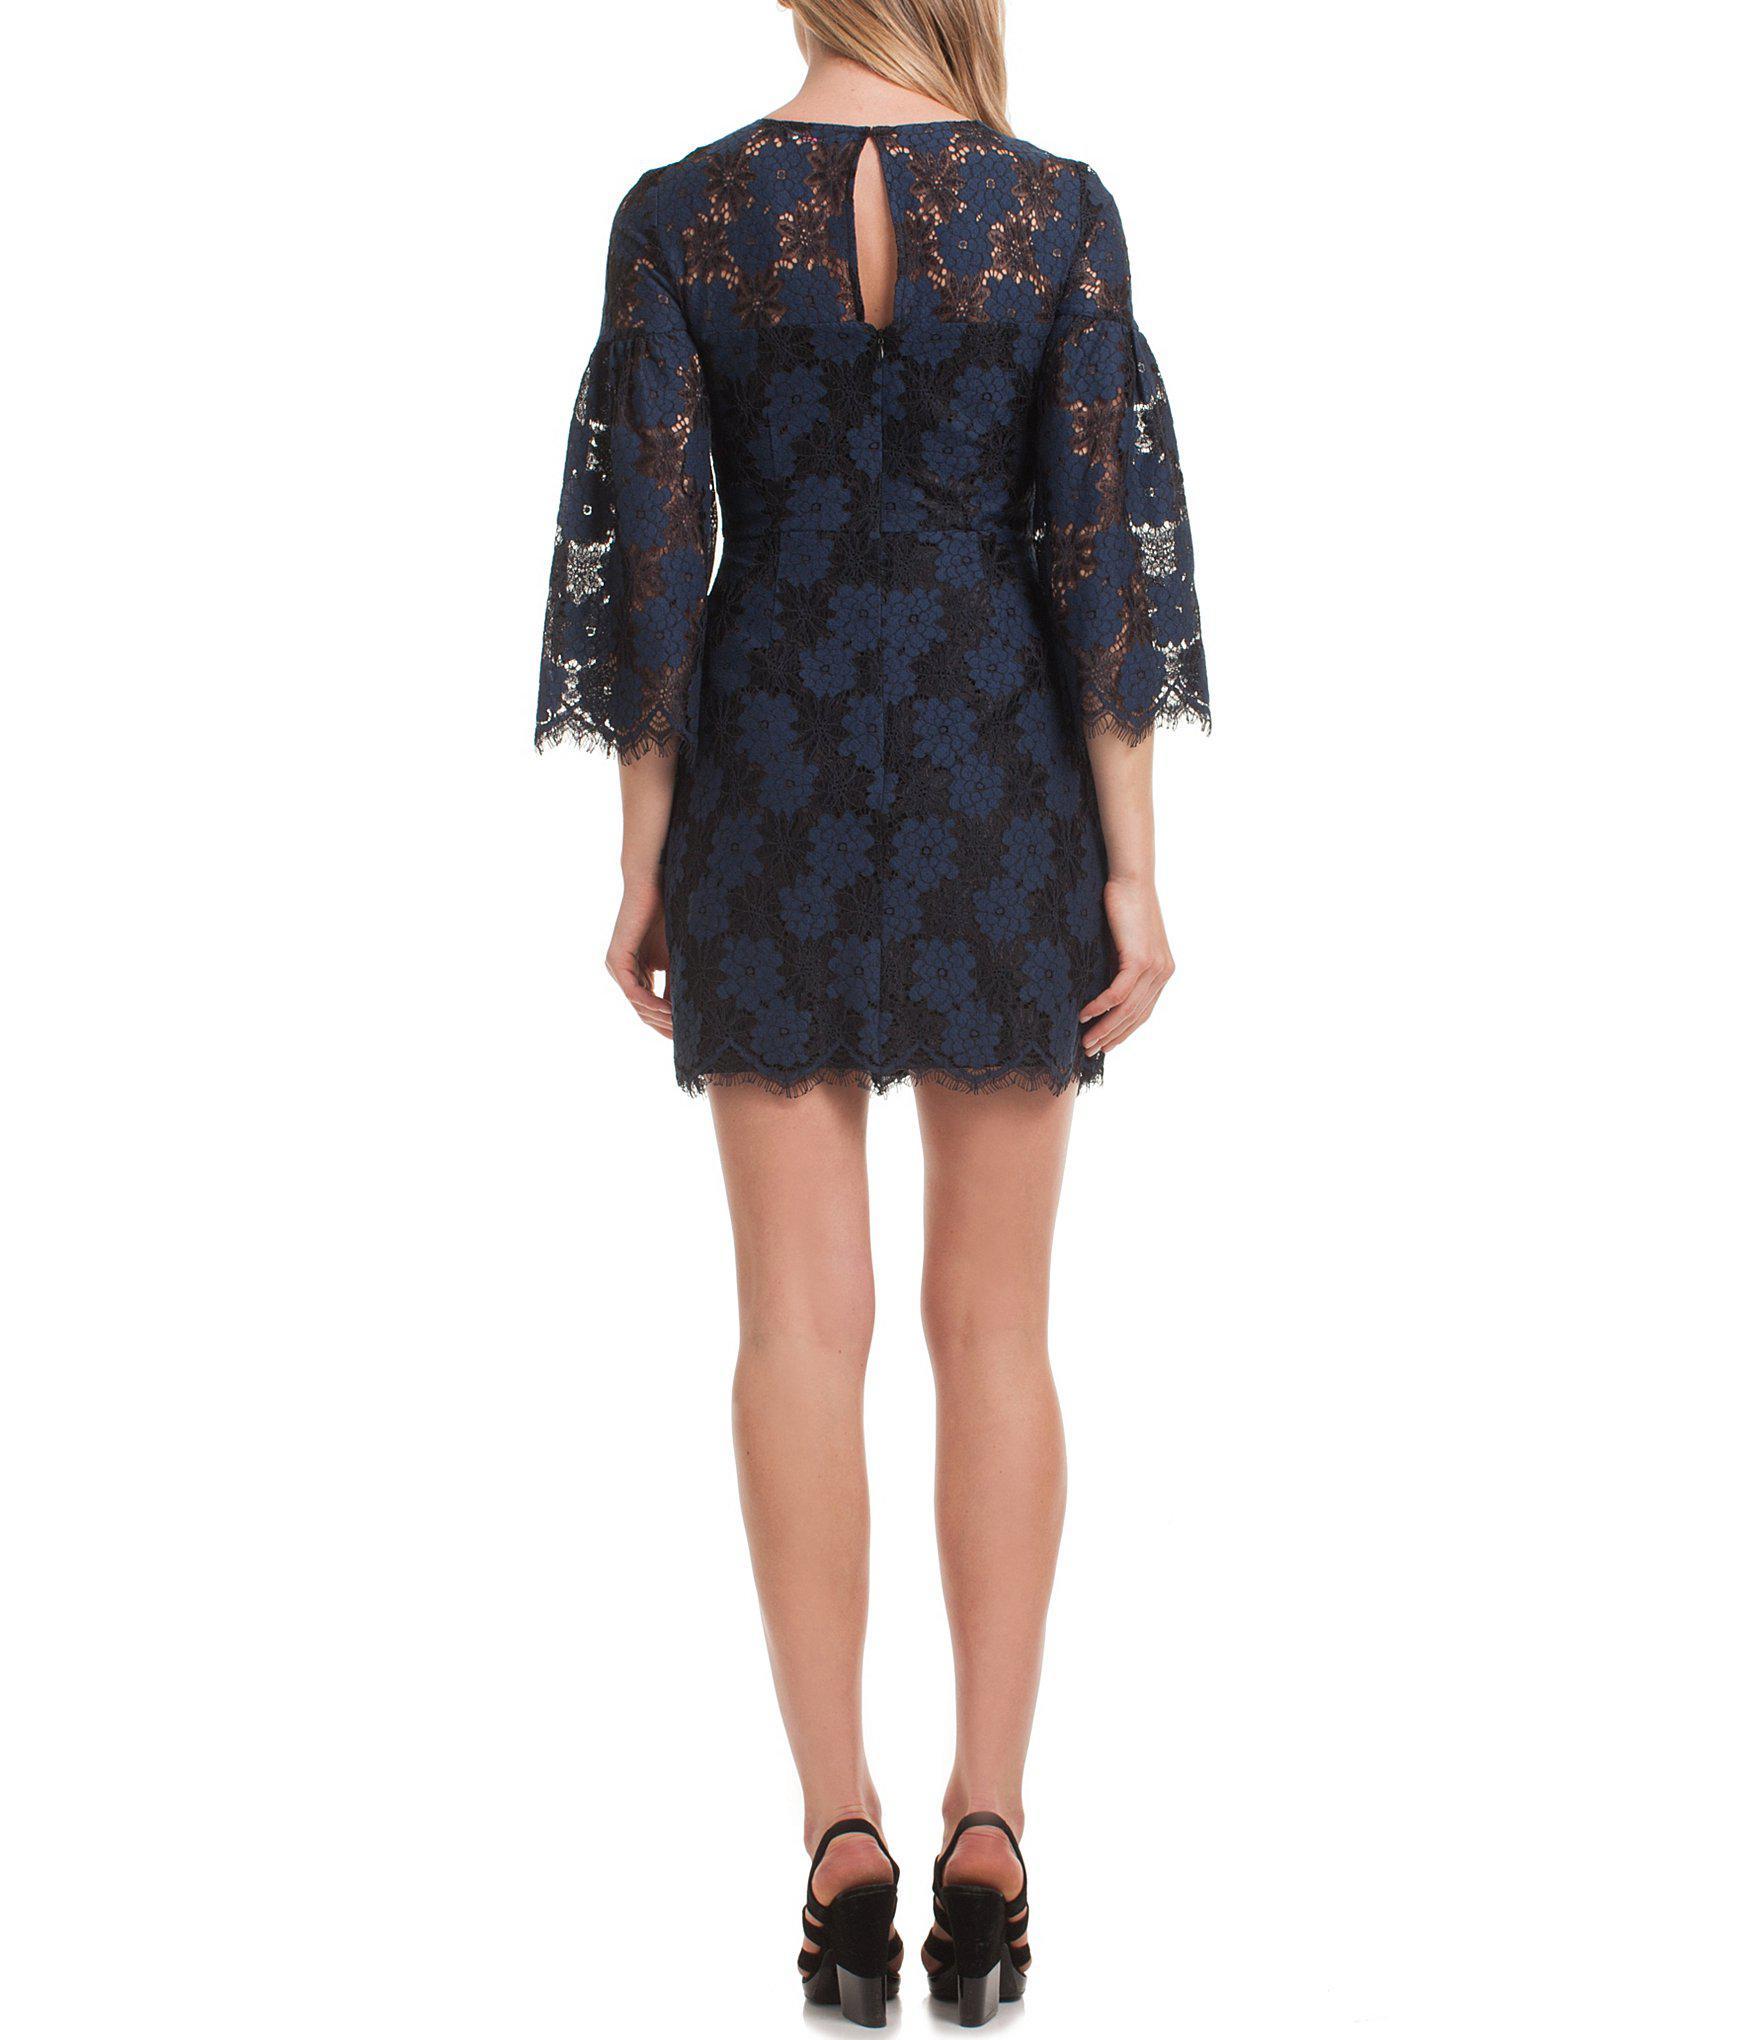 f4f4203e9d363 Trina Turk - Blue Trina Two Tone Floral Lace Bell Sleeve Mini Dress - Lyst.  View fullscreen